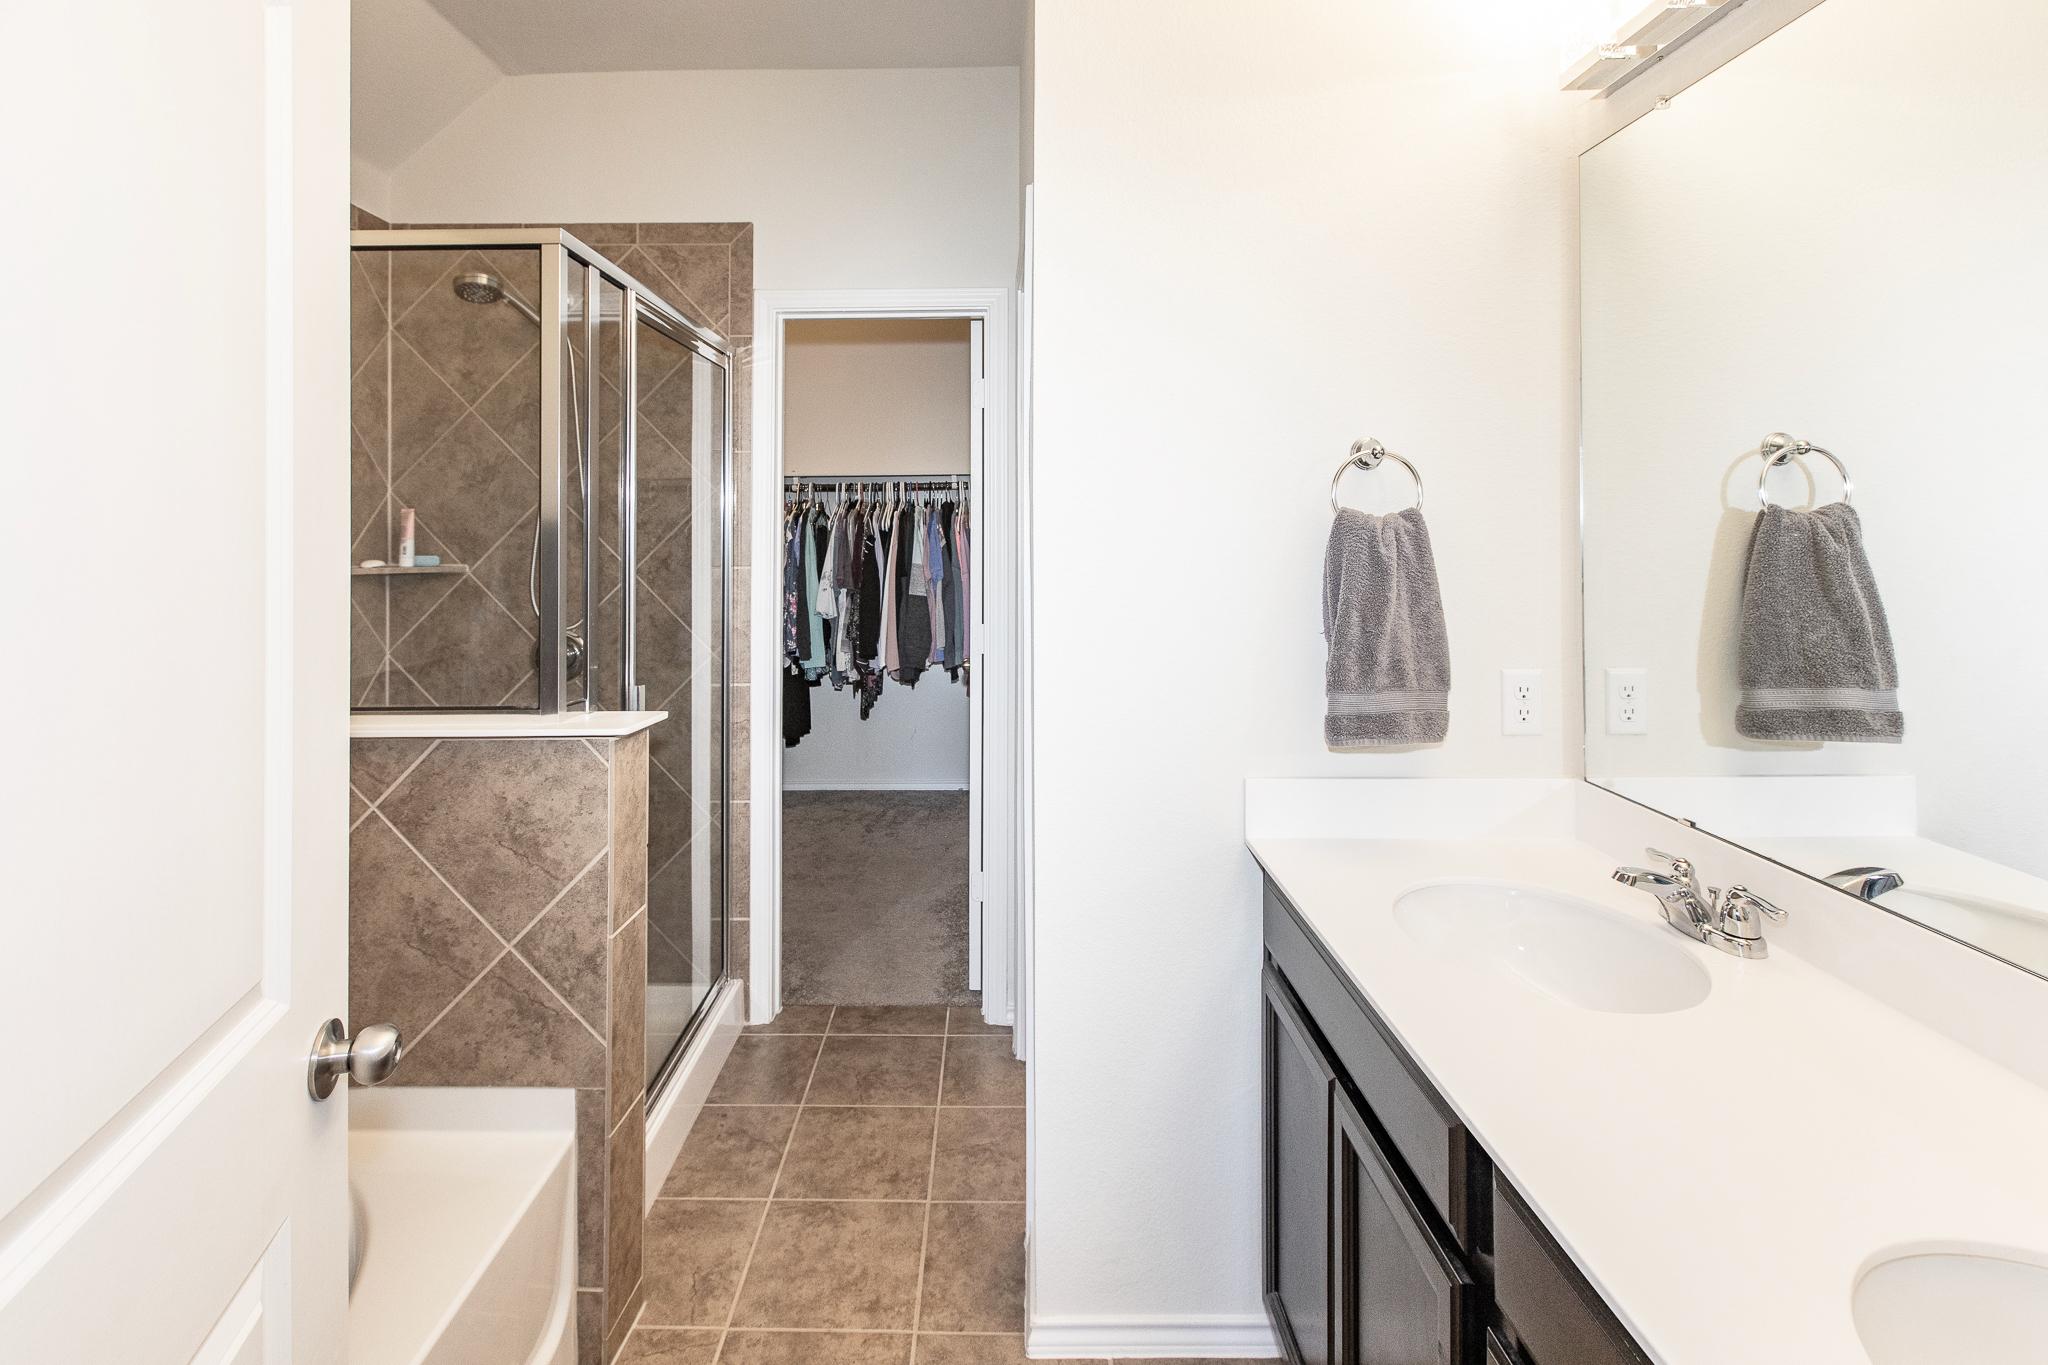 Dual Vanities and Walk-in Shower